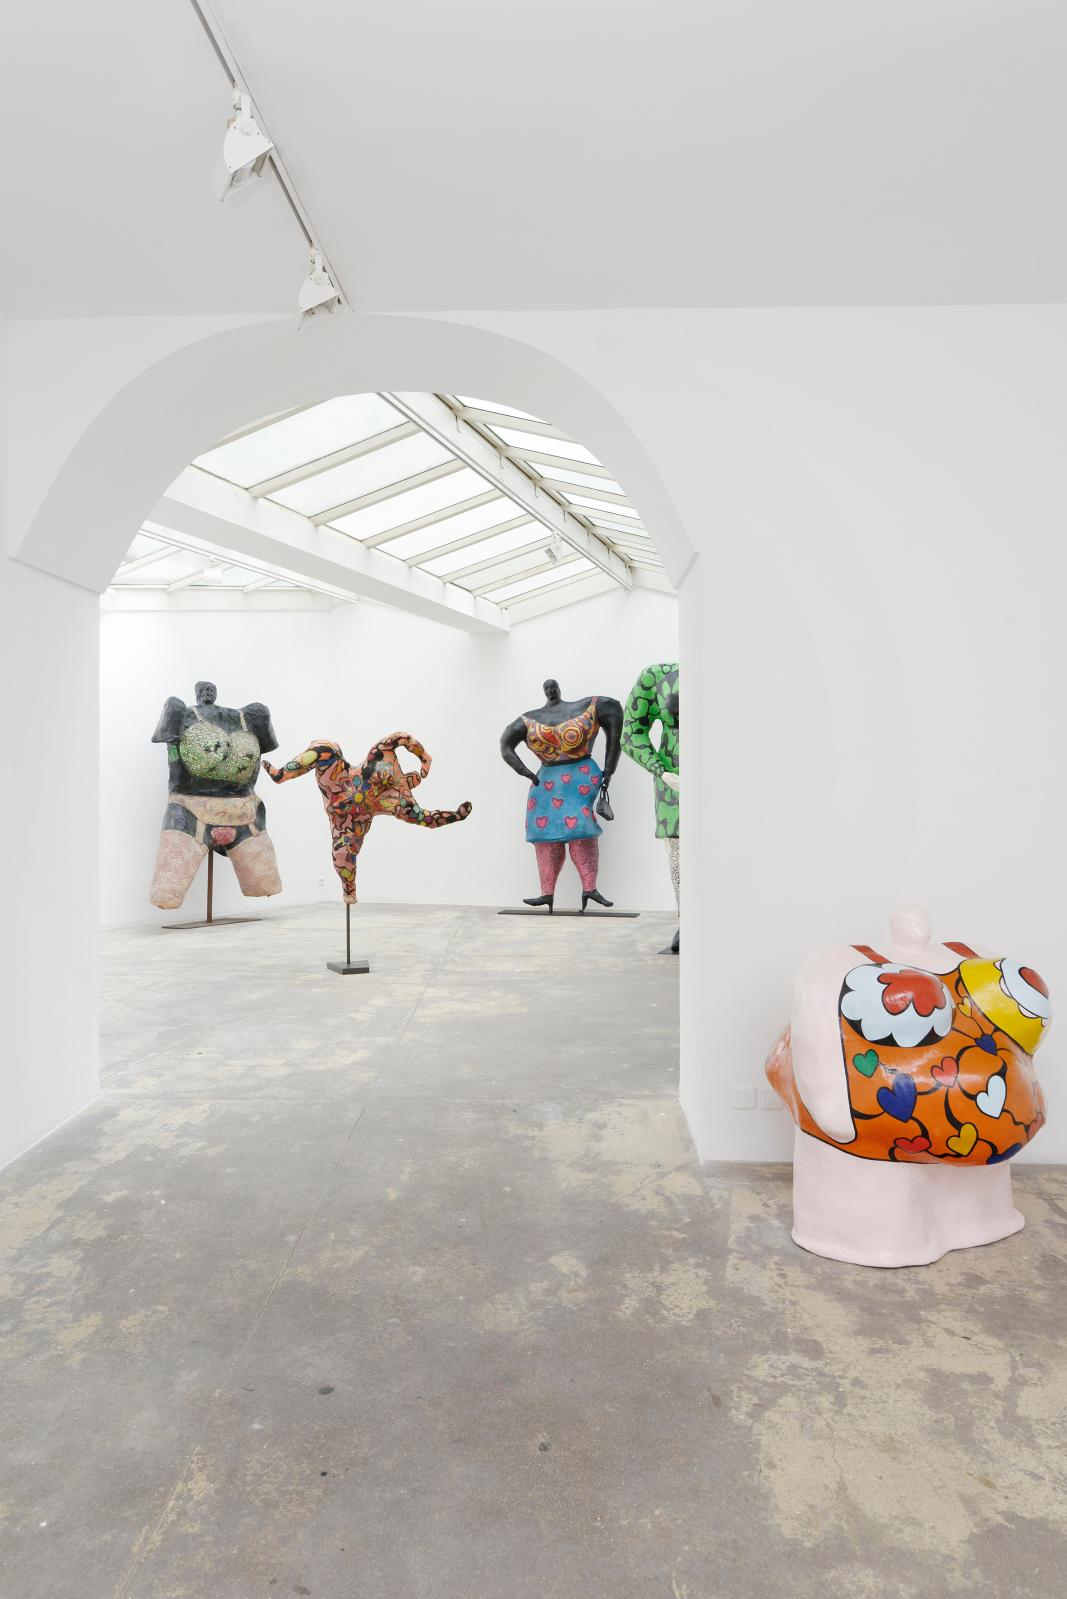 Vue de l'exposition « Niki de Saint Phalle, Belles ! Belles ! Belles ! », 2017 Photo : Aurélien Mole ; Courtesy Galerie GP & N Vallois, Pa